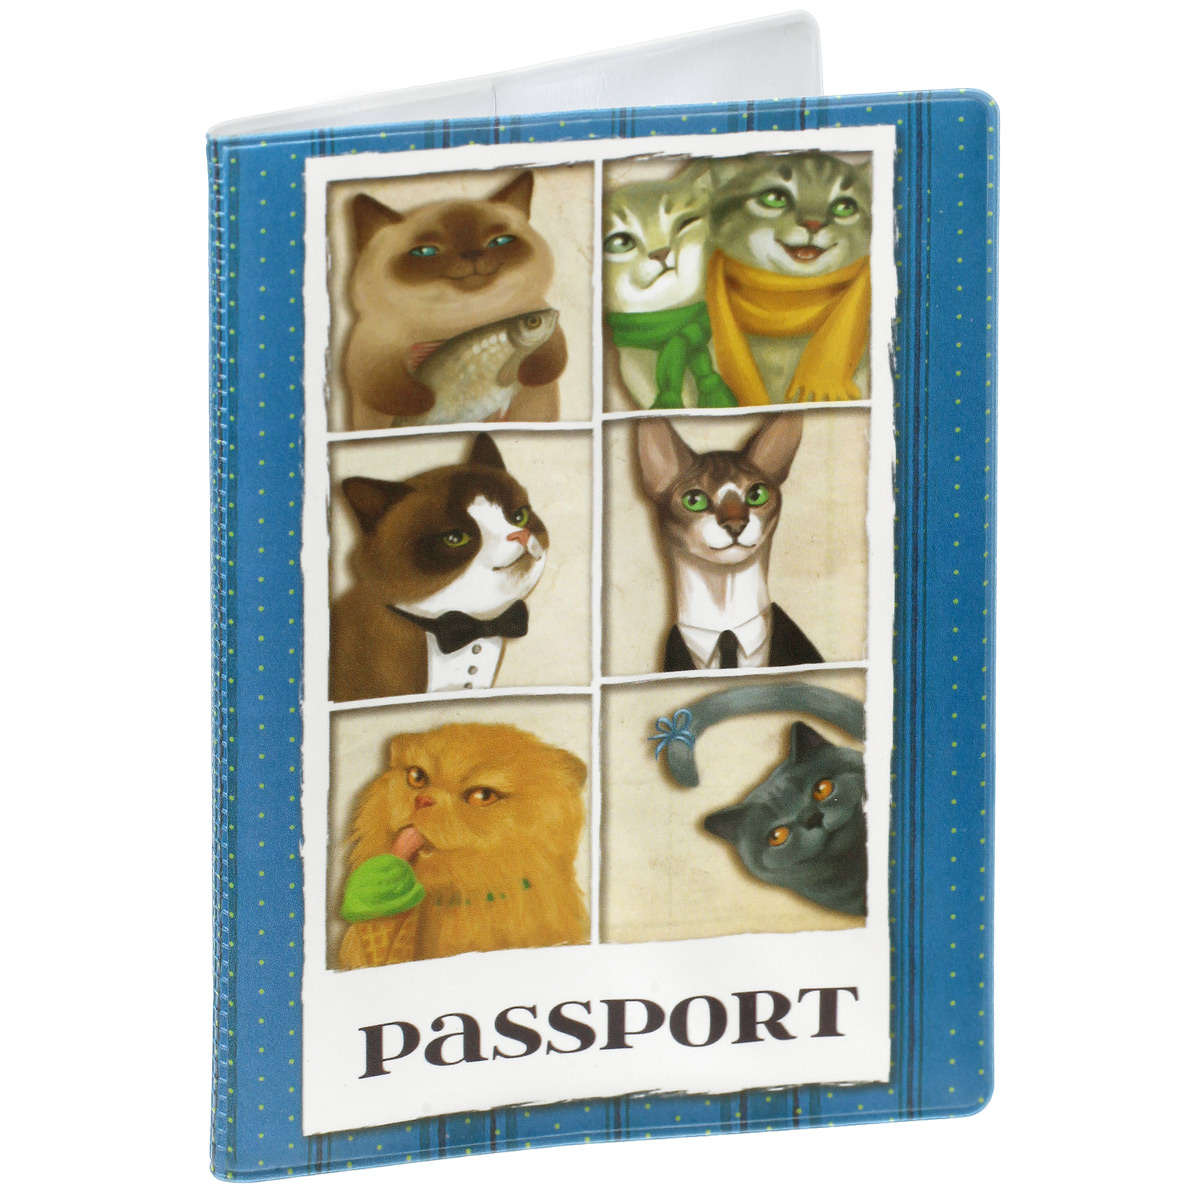 Обложка для паспорта Кошечки, цвет: синий. 37729OZAM232Обложка для паспорта Кошечки не только поможет сохранить внешний вид ваших документов и защитить их от повреждений, но и станет стильным аксессуаром, идеально подходящим вашему образу. Обложка выполнена из поливинилхлорида и оформлена оригинальным изображением кошек. Внутри имеет два вертикальных кармана из прозрачного пластика. Такая обложка поможет вам подчеркнуть свою индивидуальность и неповторимость!